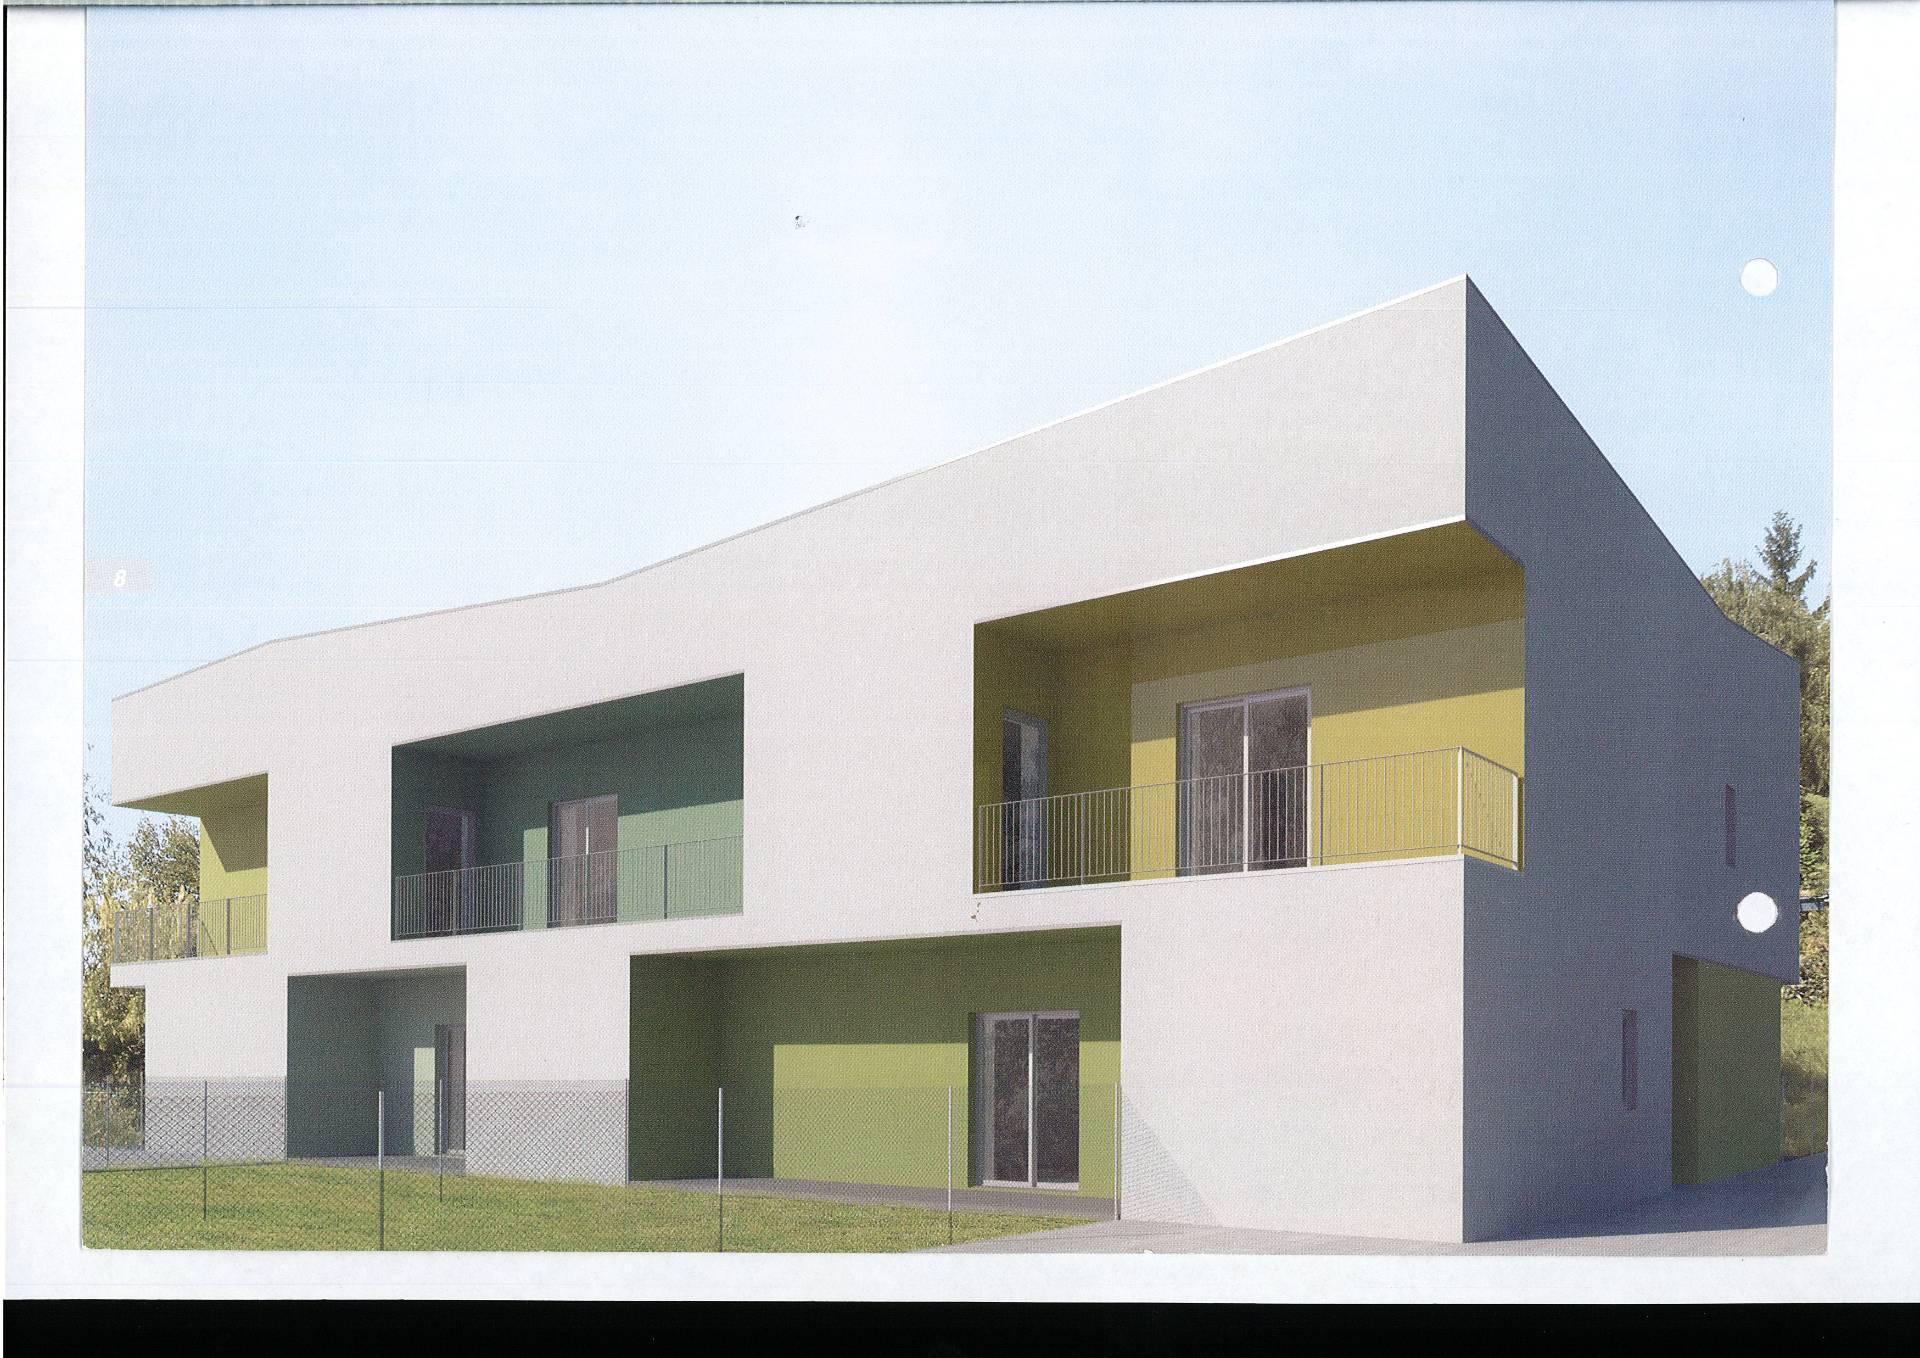 Appartamento in vendita a Gorizia, 3 locali, zona Zona: Lucinico, prezzo € 99.000 | CambioCasa.it